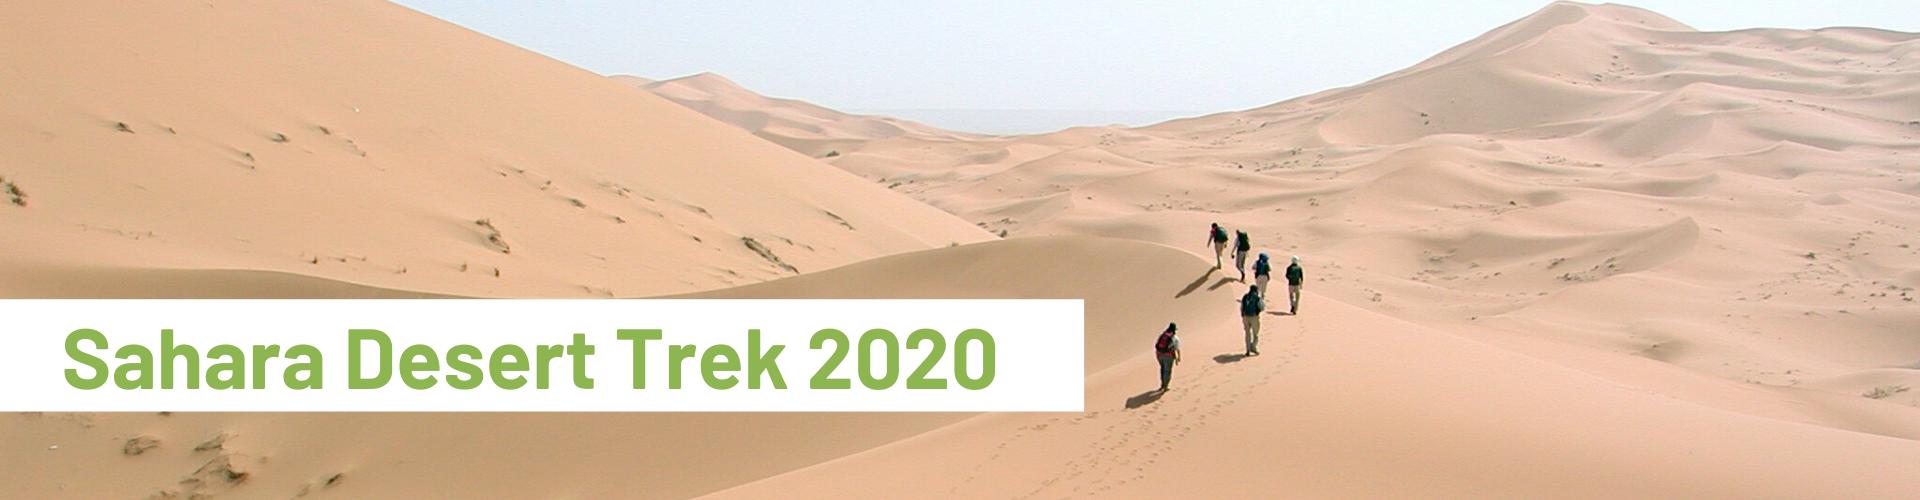 Sahara Desert Trek 2020